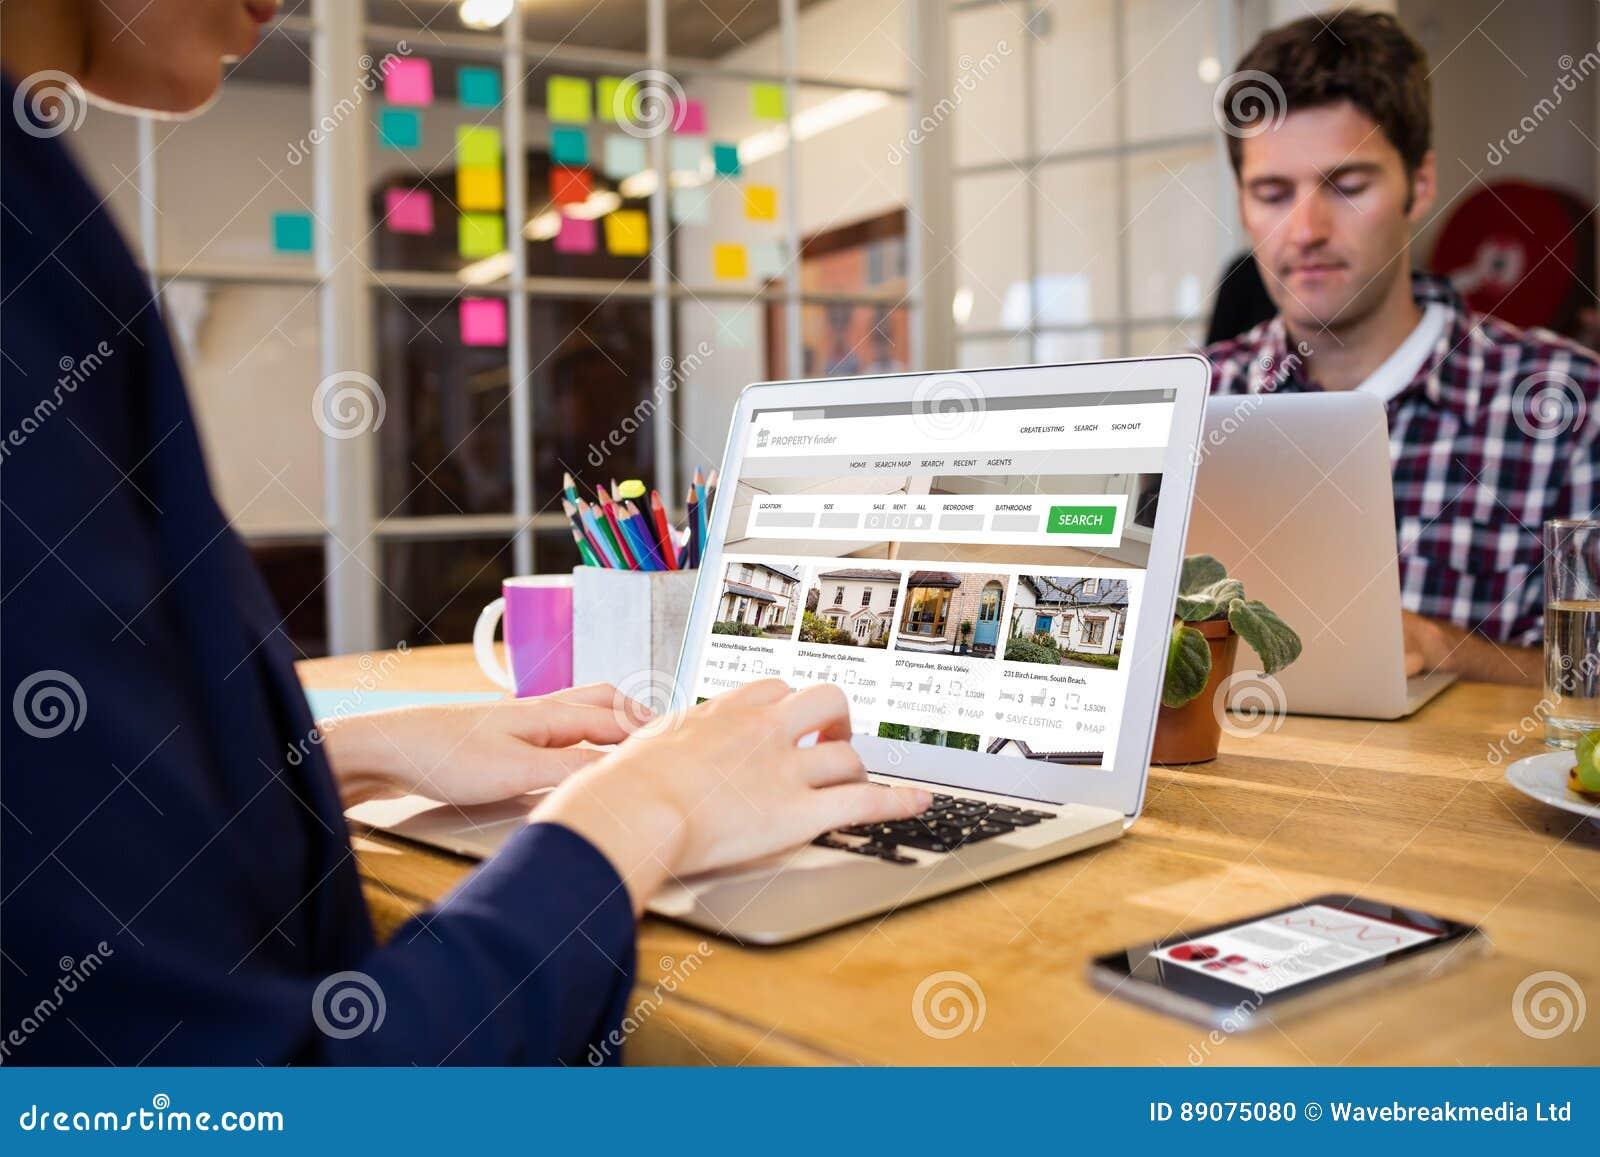 Imagen compuesta de la imagen compuesta del sitio web de la propiedad